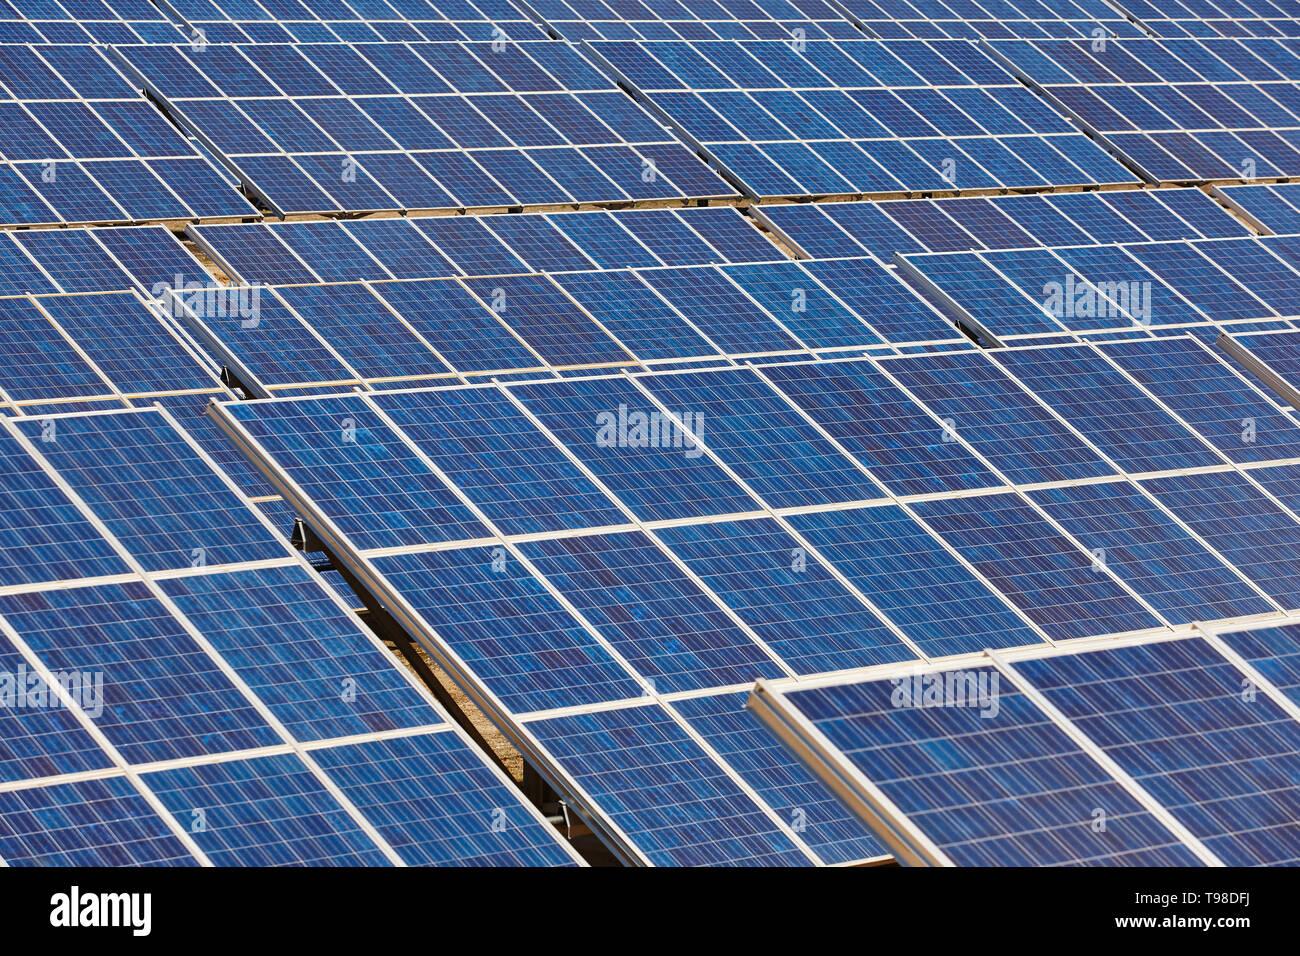 Planta de paneles solares. Sostenible de la energía renovable y alerta mundial Imagen De Stock